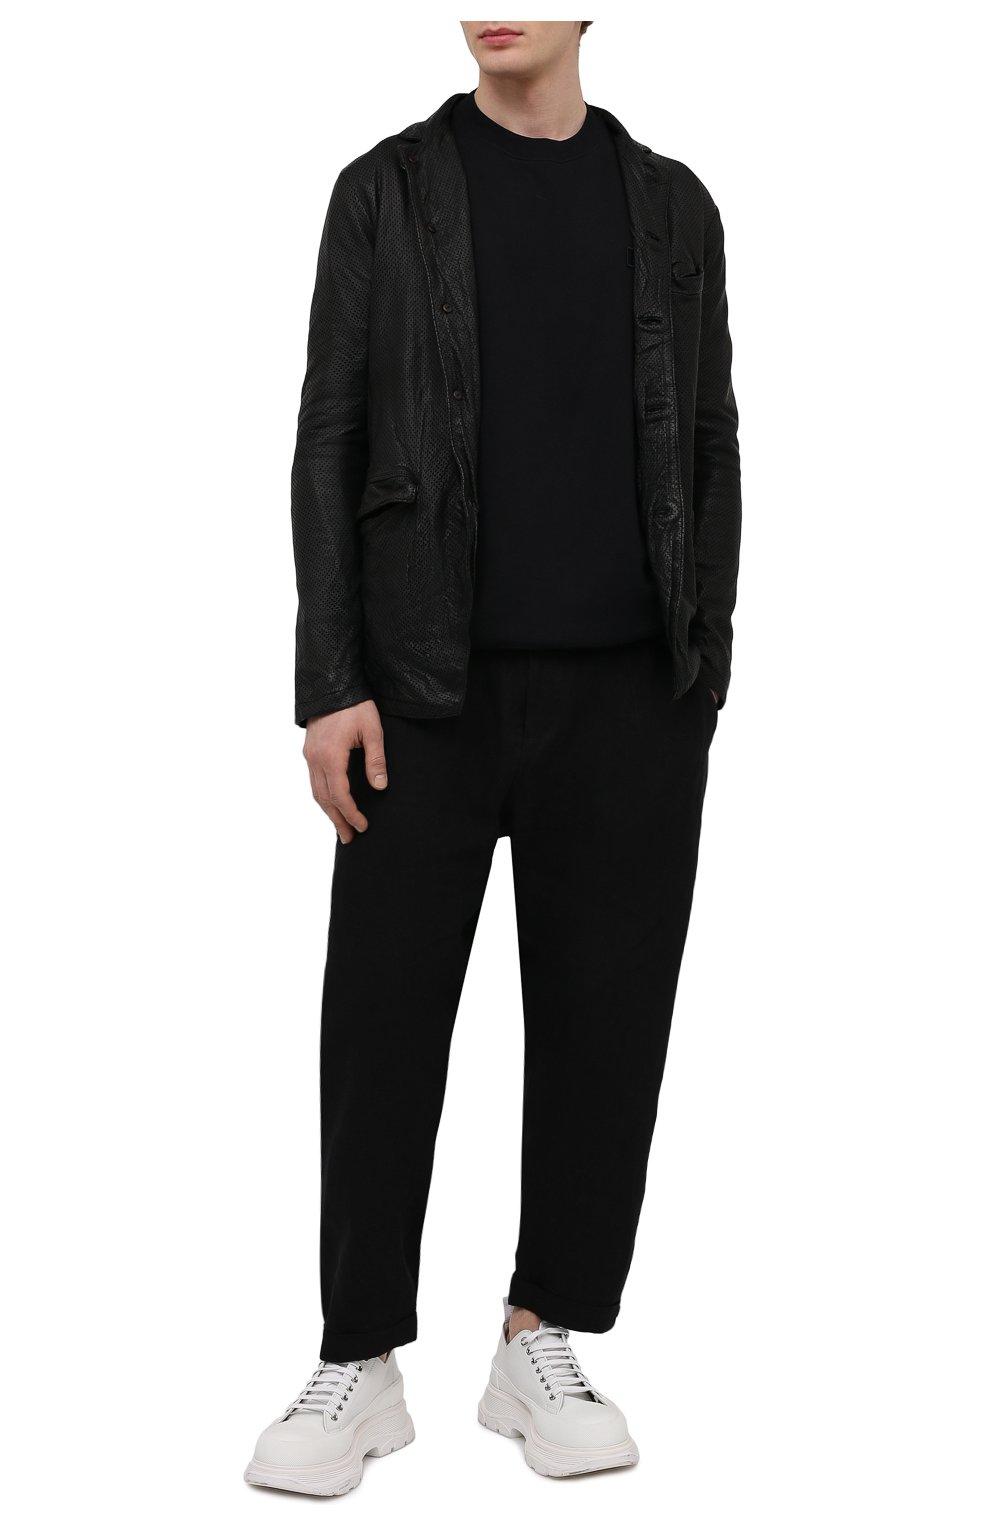 Мужская кожаная куртка GIORGIO BRATO черного цвета, арт. GU21S9616HL136 | Фото 2 (Кросс-КТ: Куртка; Рукава: Длинные; Стили: Гранж; Мужское Кросс-КТ: Кожа и замша; Длина (верхняя одежда): Короткие; Материал подклада: Хлопок)